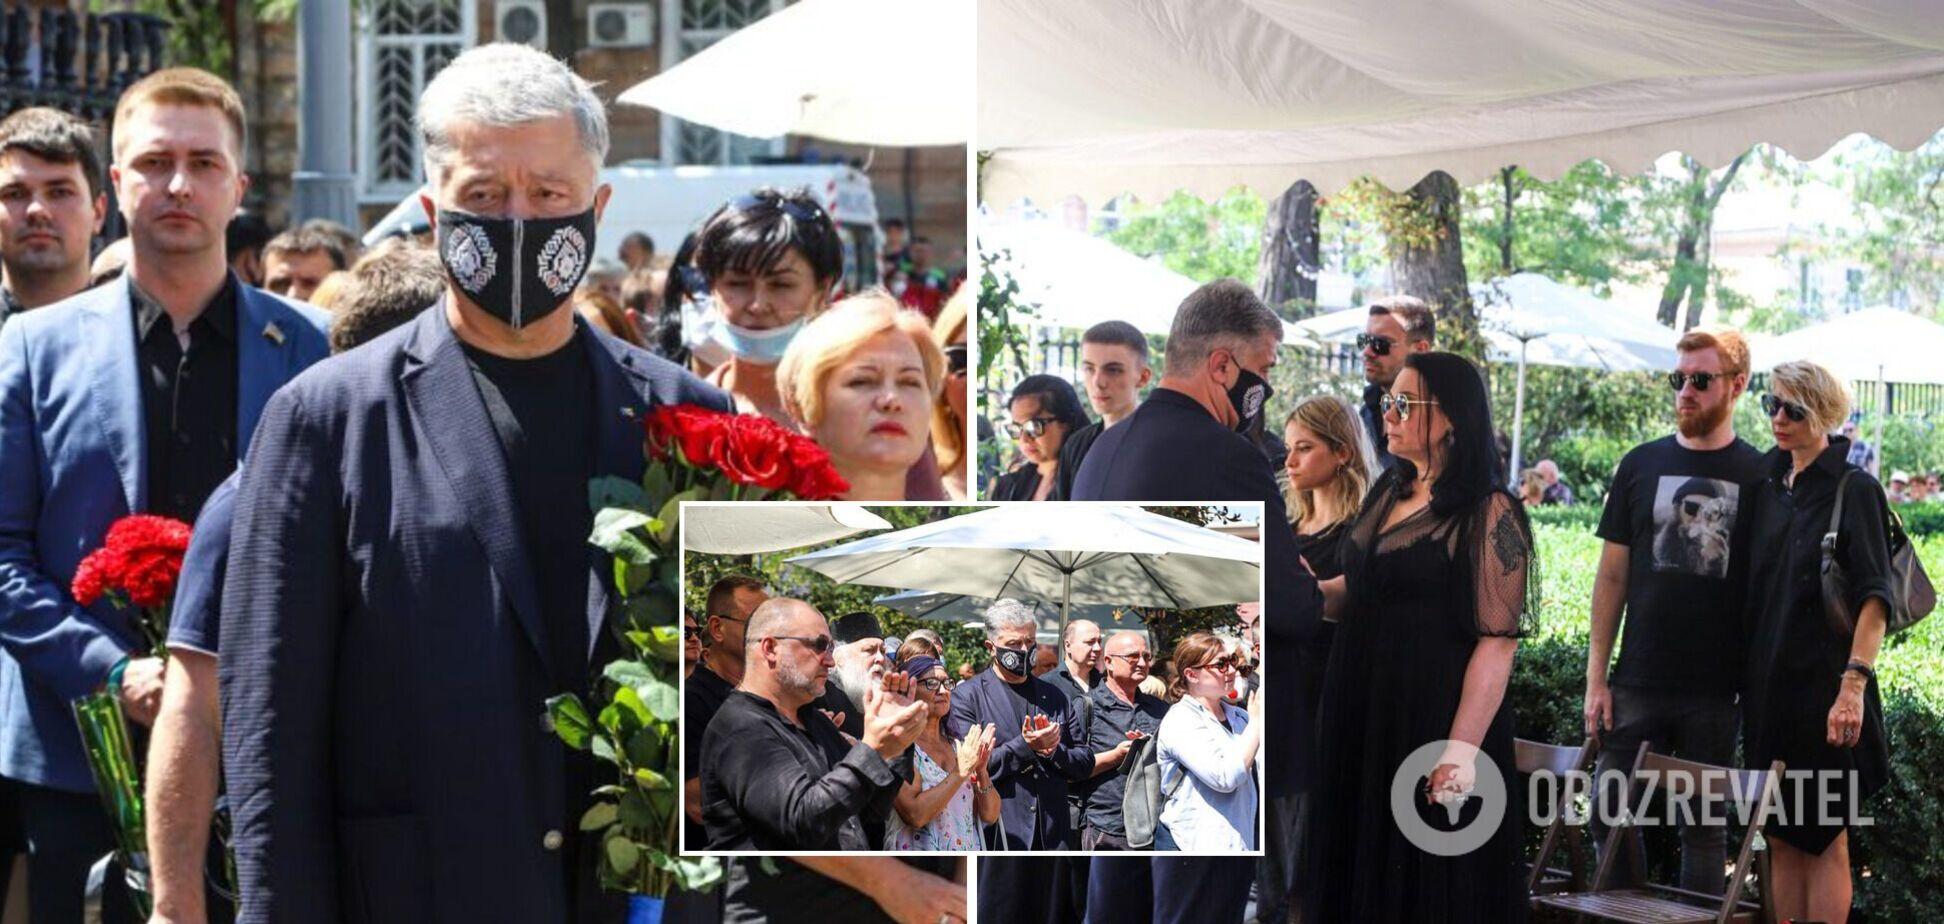 Порошенко присоединился к церемонии прощания с Александром Ройтбурдом в Одессе